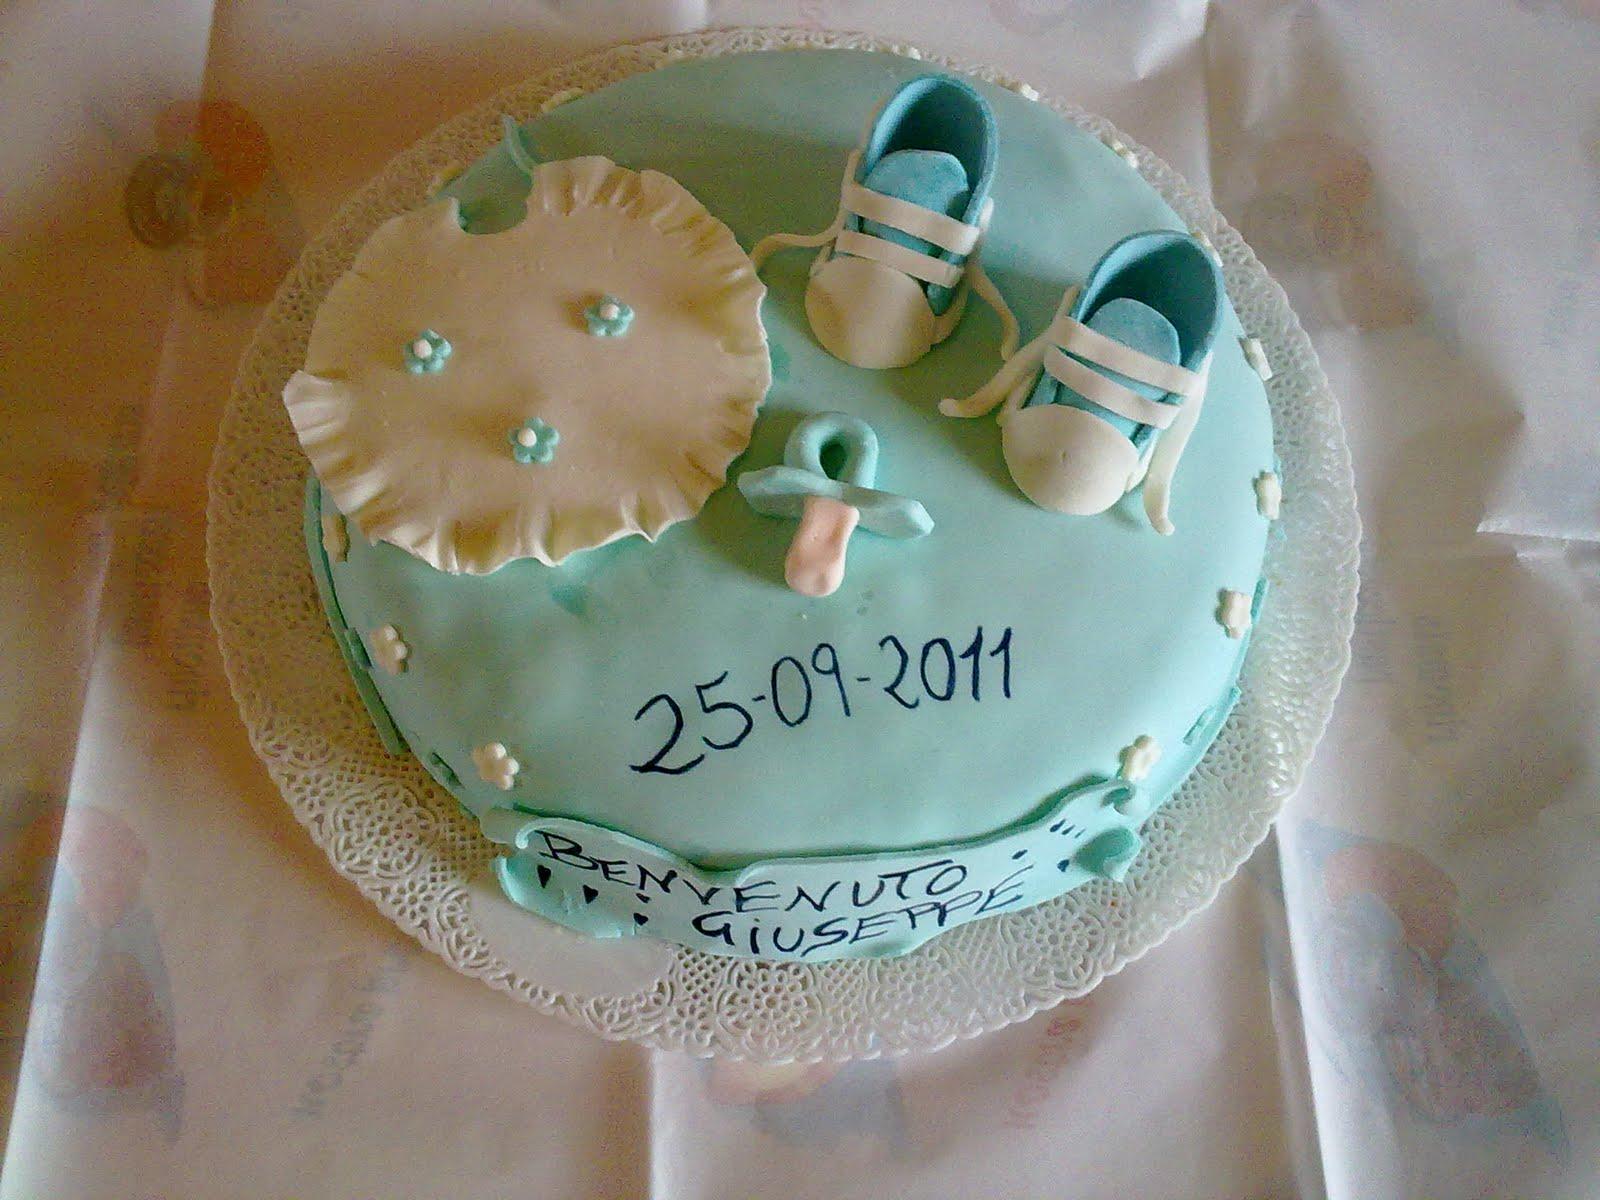 Preferenza Dolcicreazioni, torte e bijoux.: Torta benvenuto Giuseppe JX98